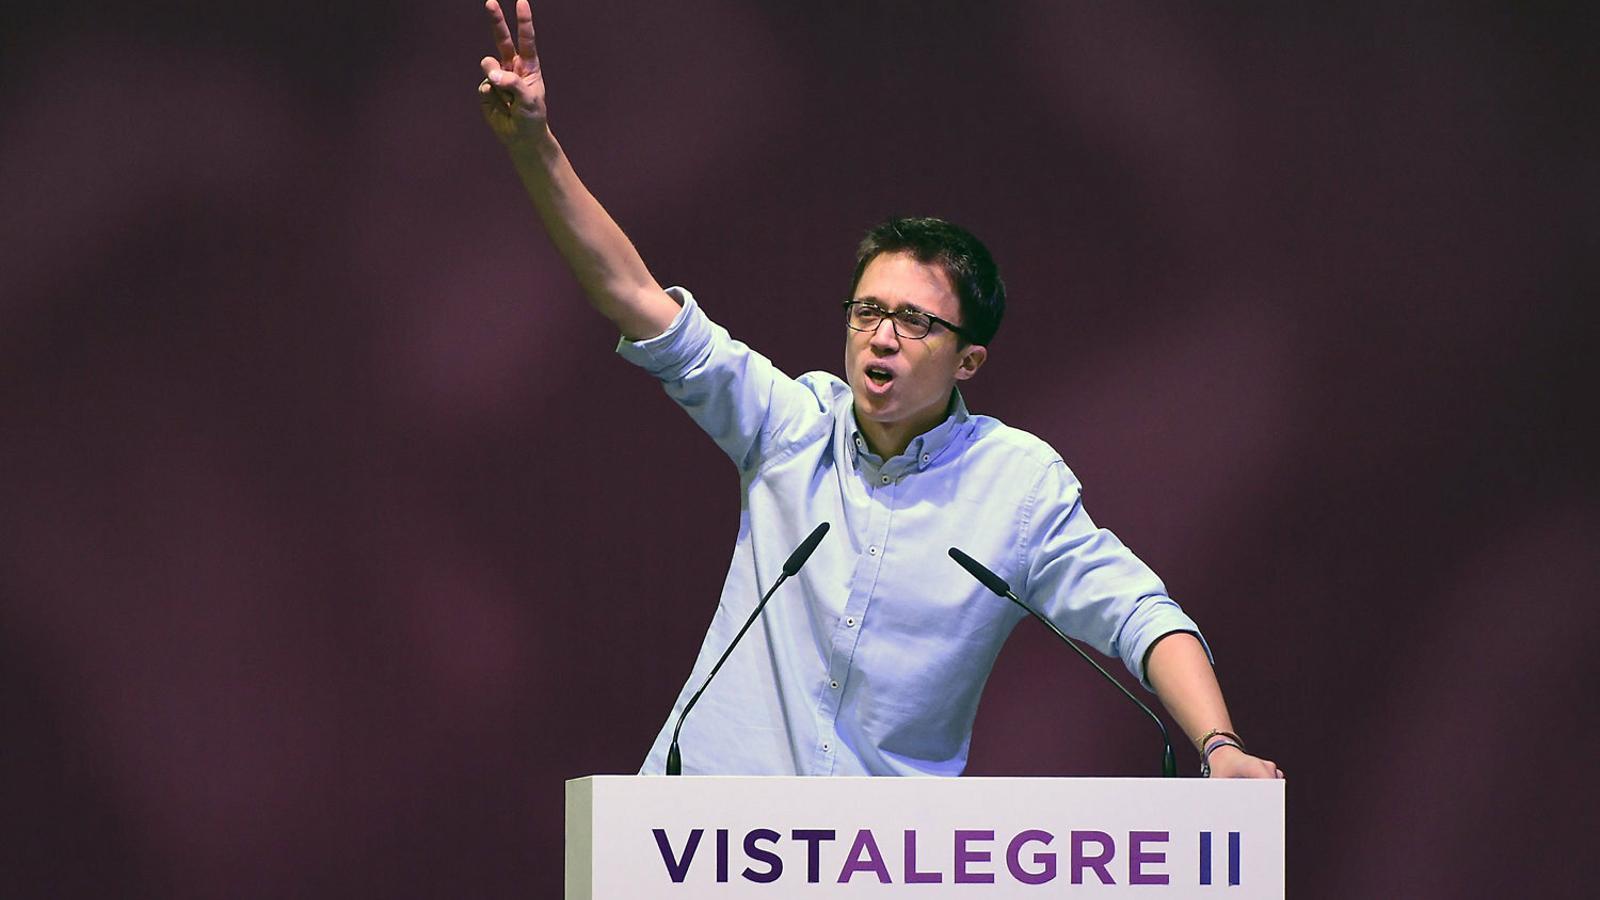 Íñigo Errejón a l'assemblea de Podem de Vistalegre II el febrer del 2017, d'on va sortir derrotat per Iglesias.